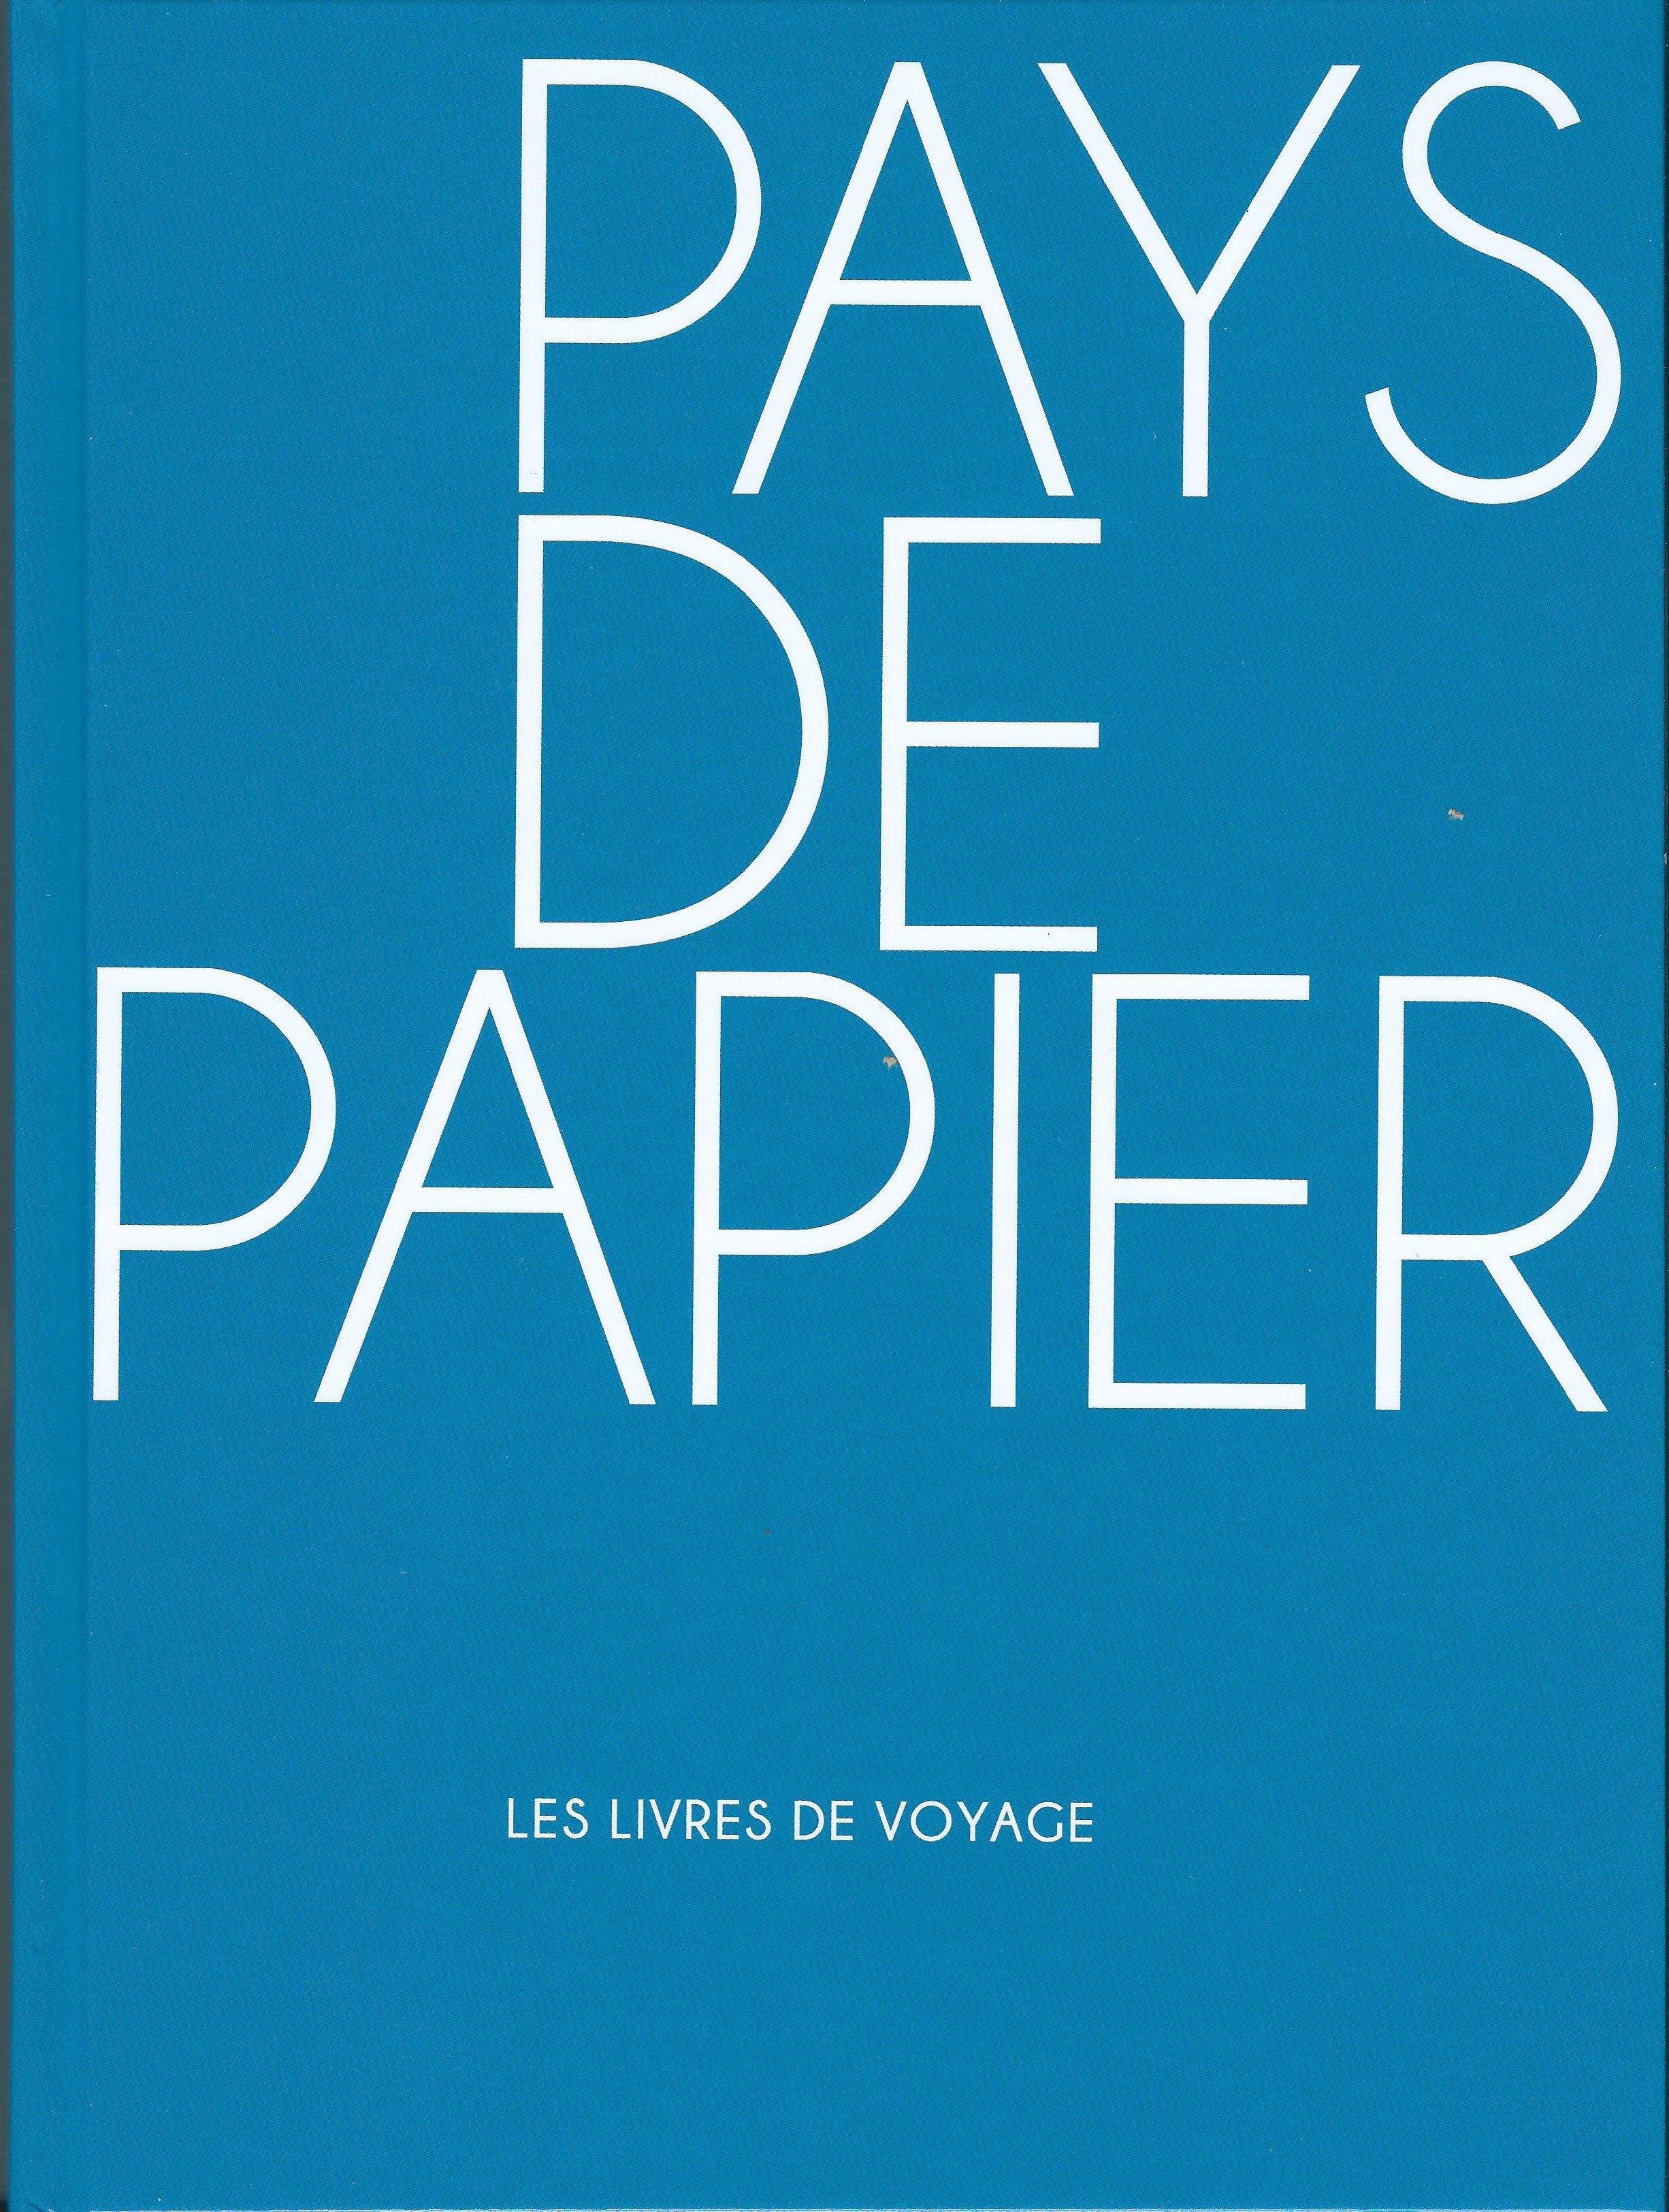 David Martens & Anne Reverseau, Pays de papier. Les livres de voyage, préface de Xavier Canonne, Charleroi, Musée de la photographie, 2019.